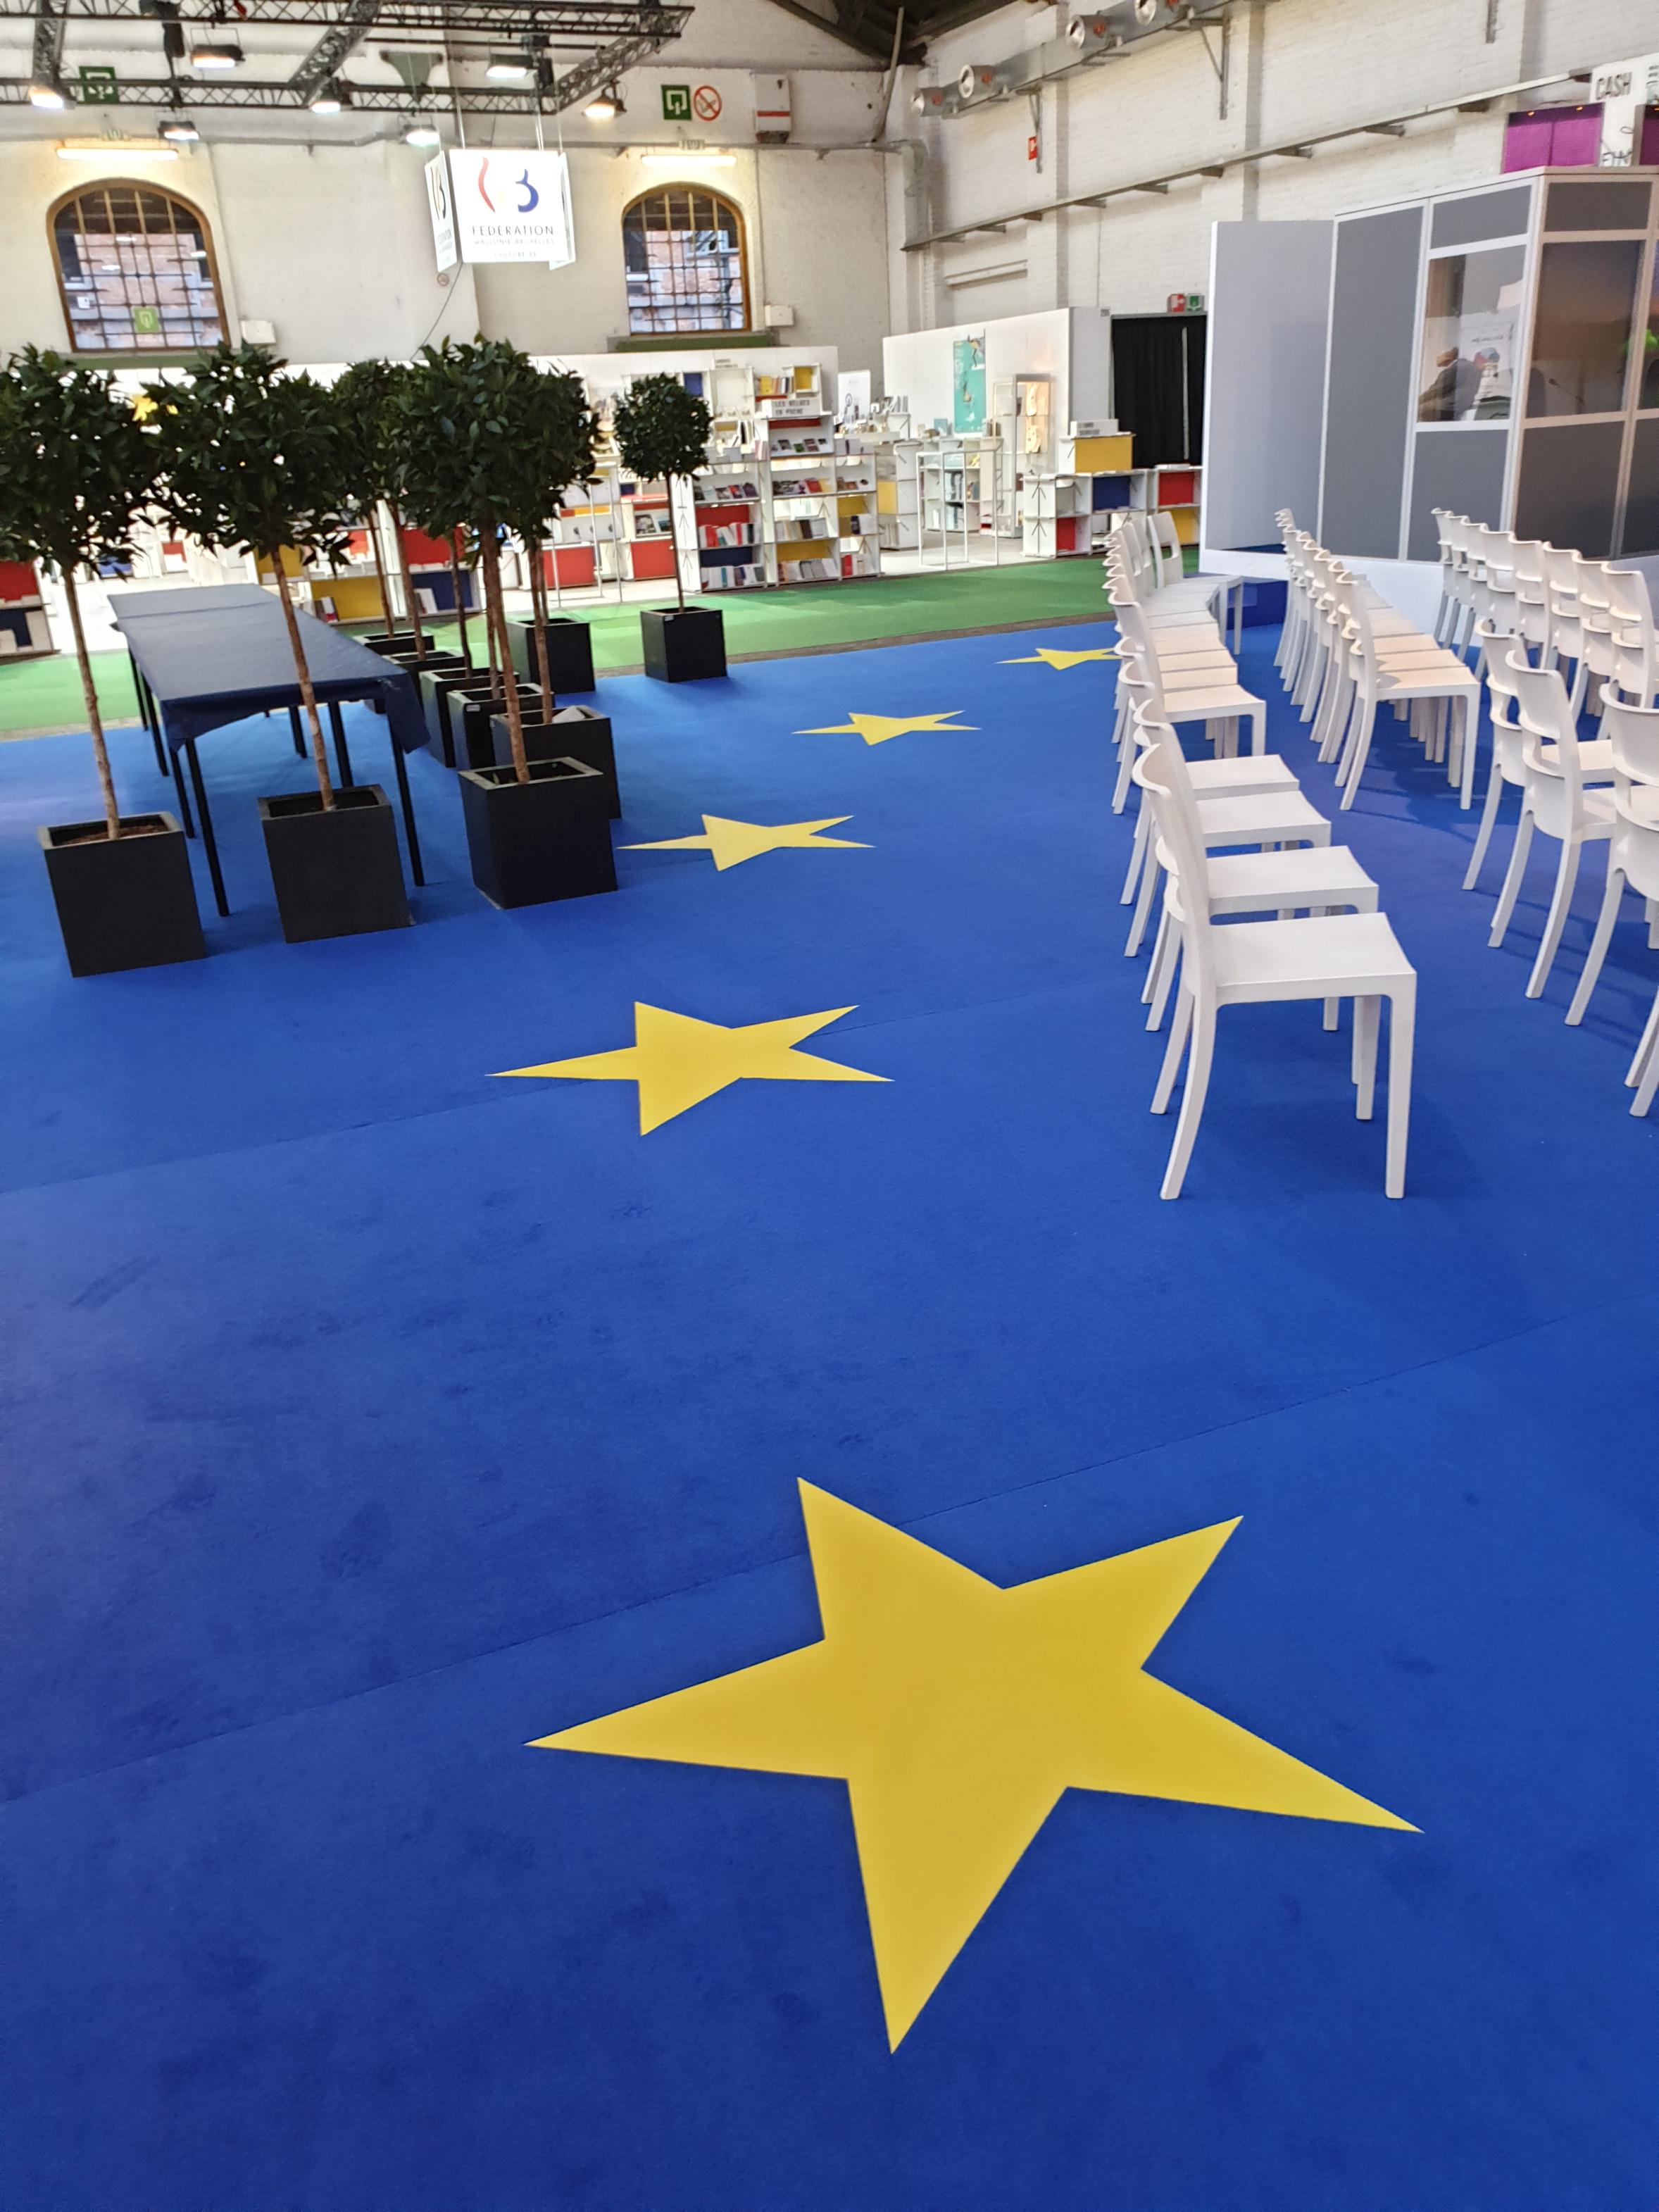 105_Geprint tapijt Place de l'Europe_GL events stand op Foire du Livre